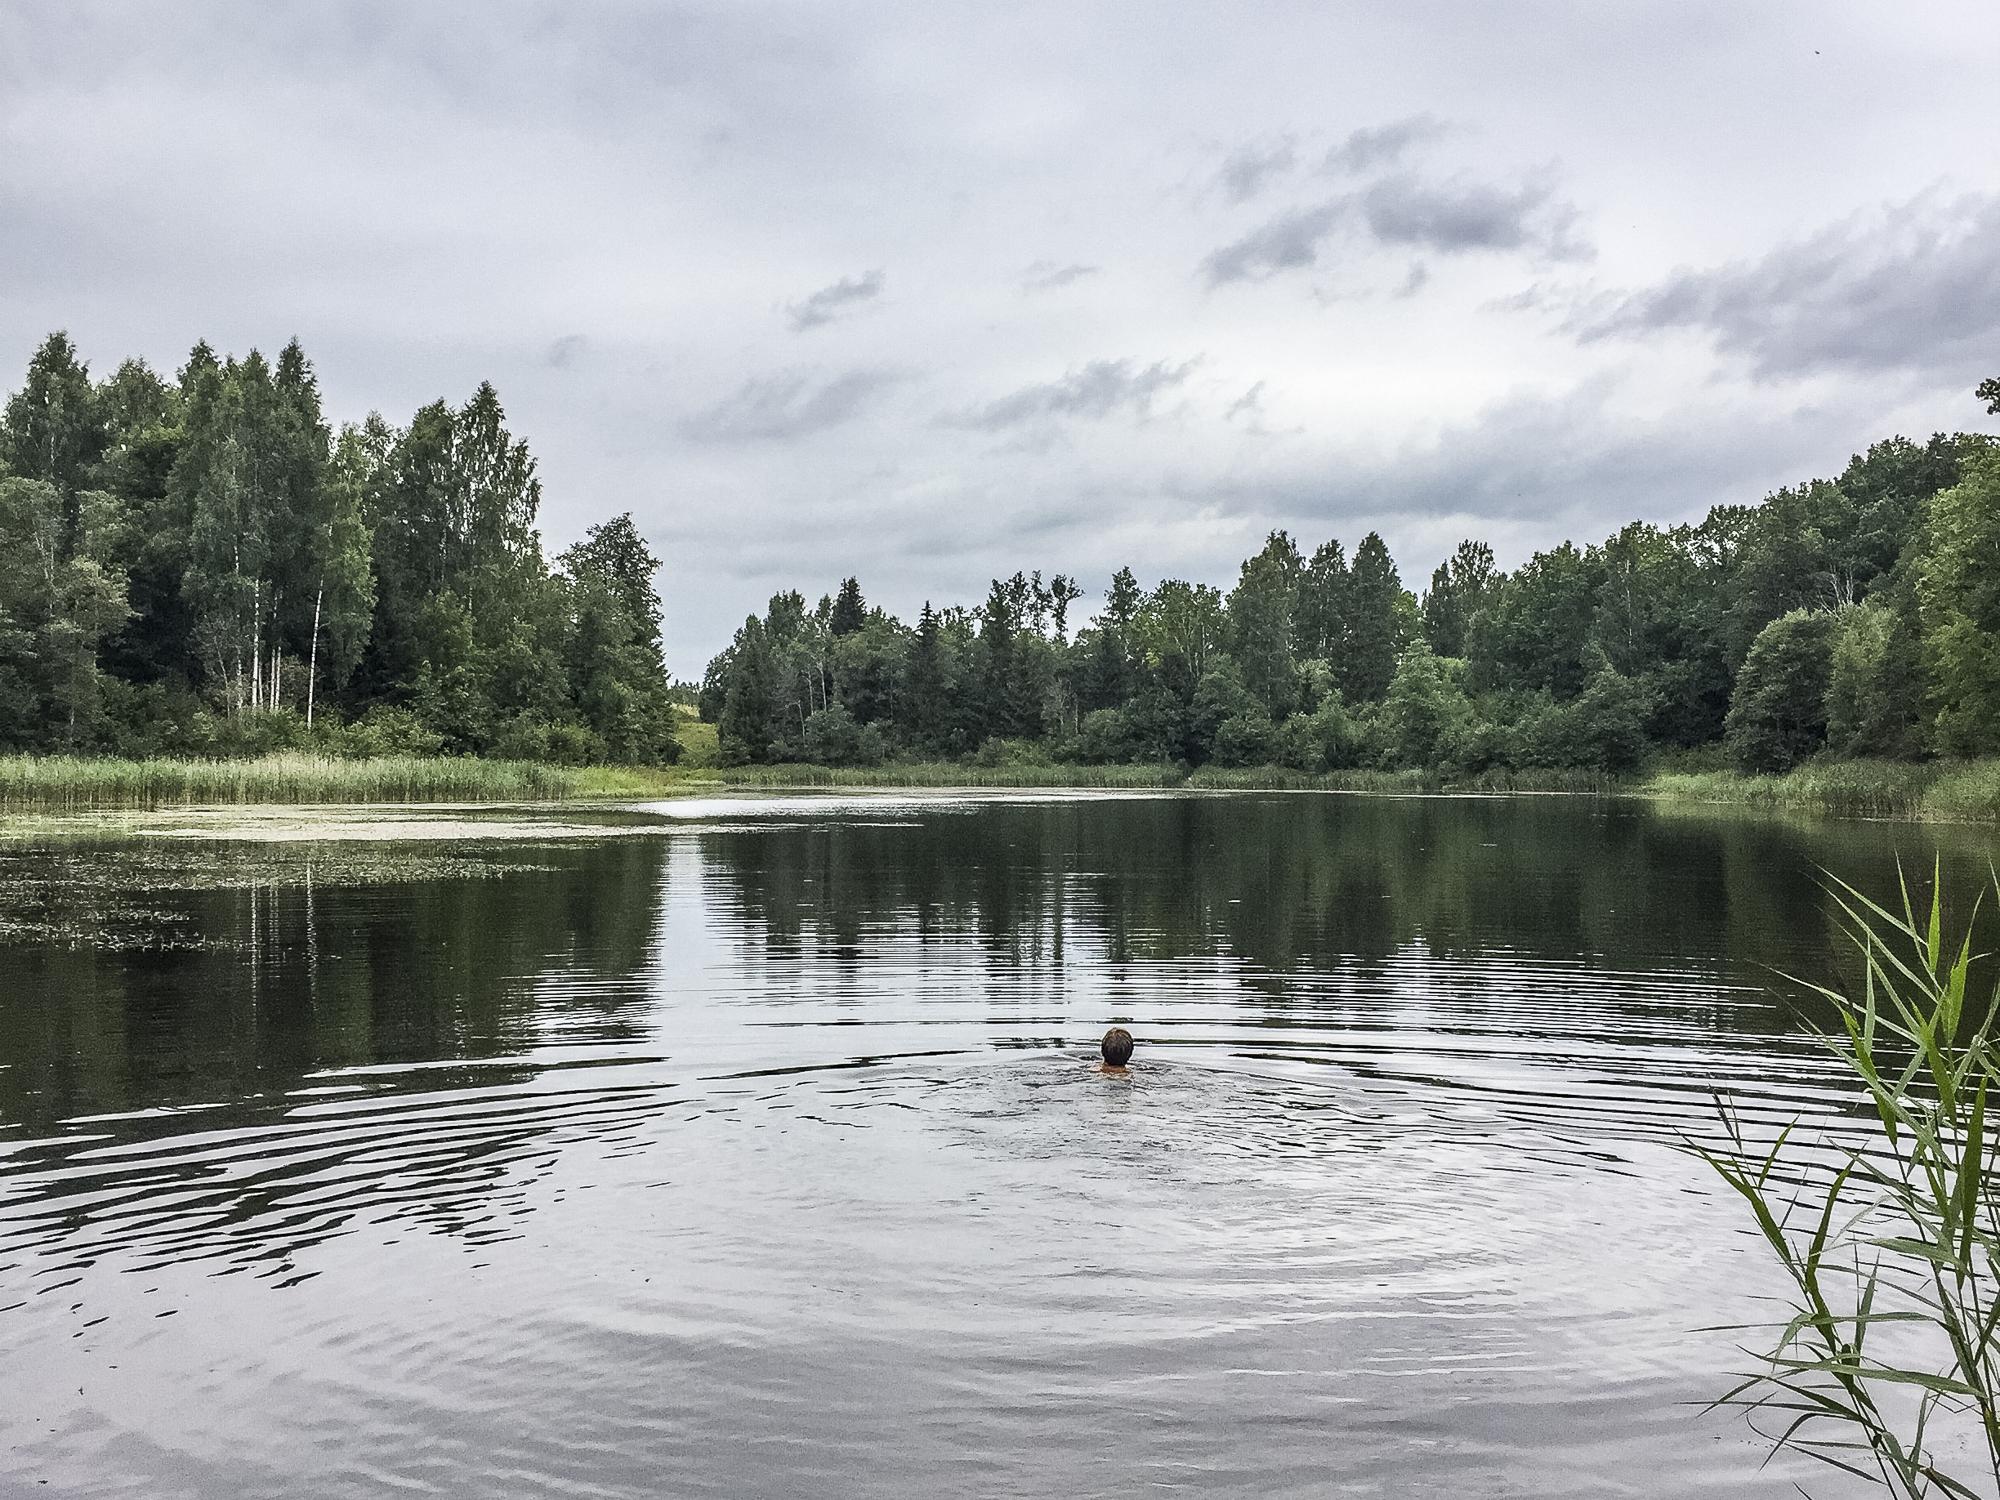 20170803-Letland.jpg